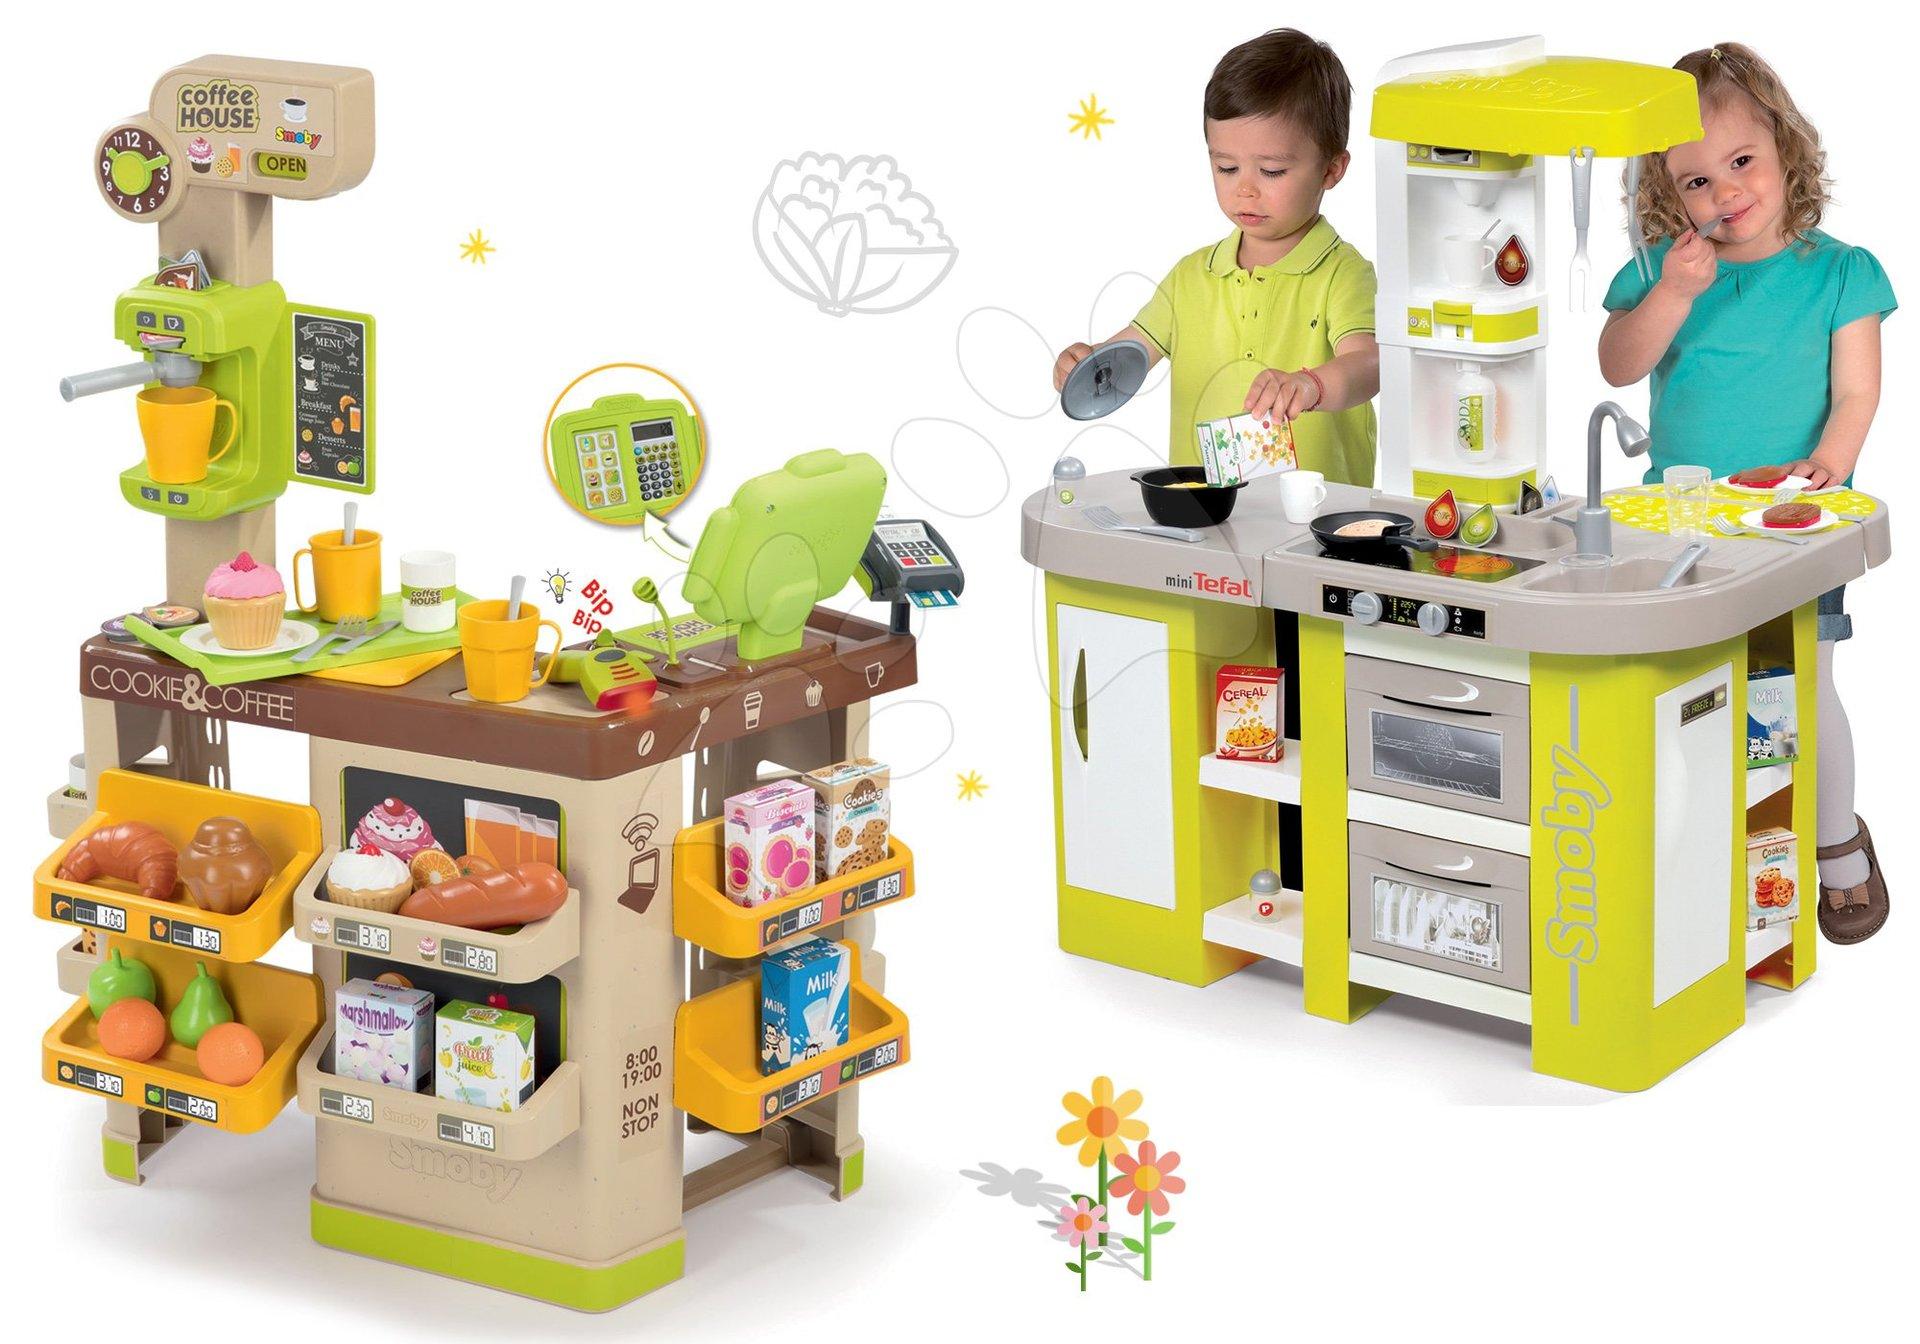 Smoby set kaviareň s Espresso kávovarom a elektronická kuchynka Tefal Studio XL 350214-4